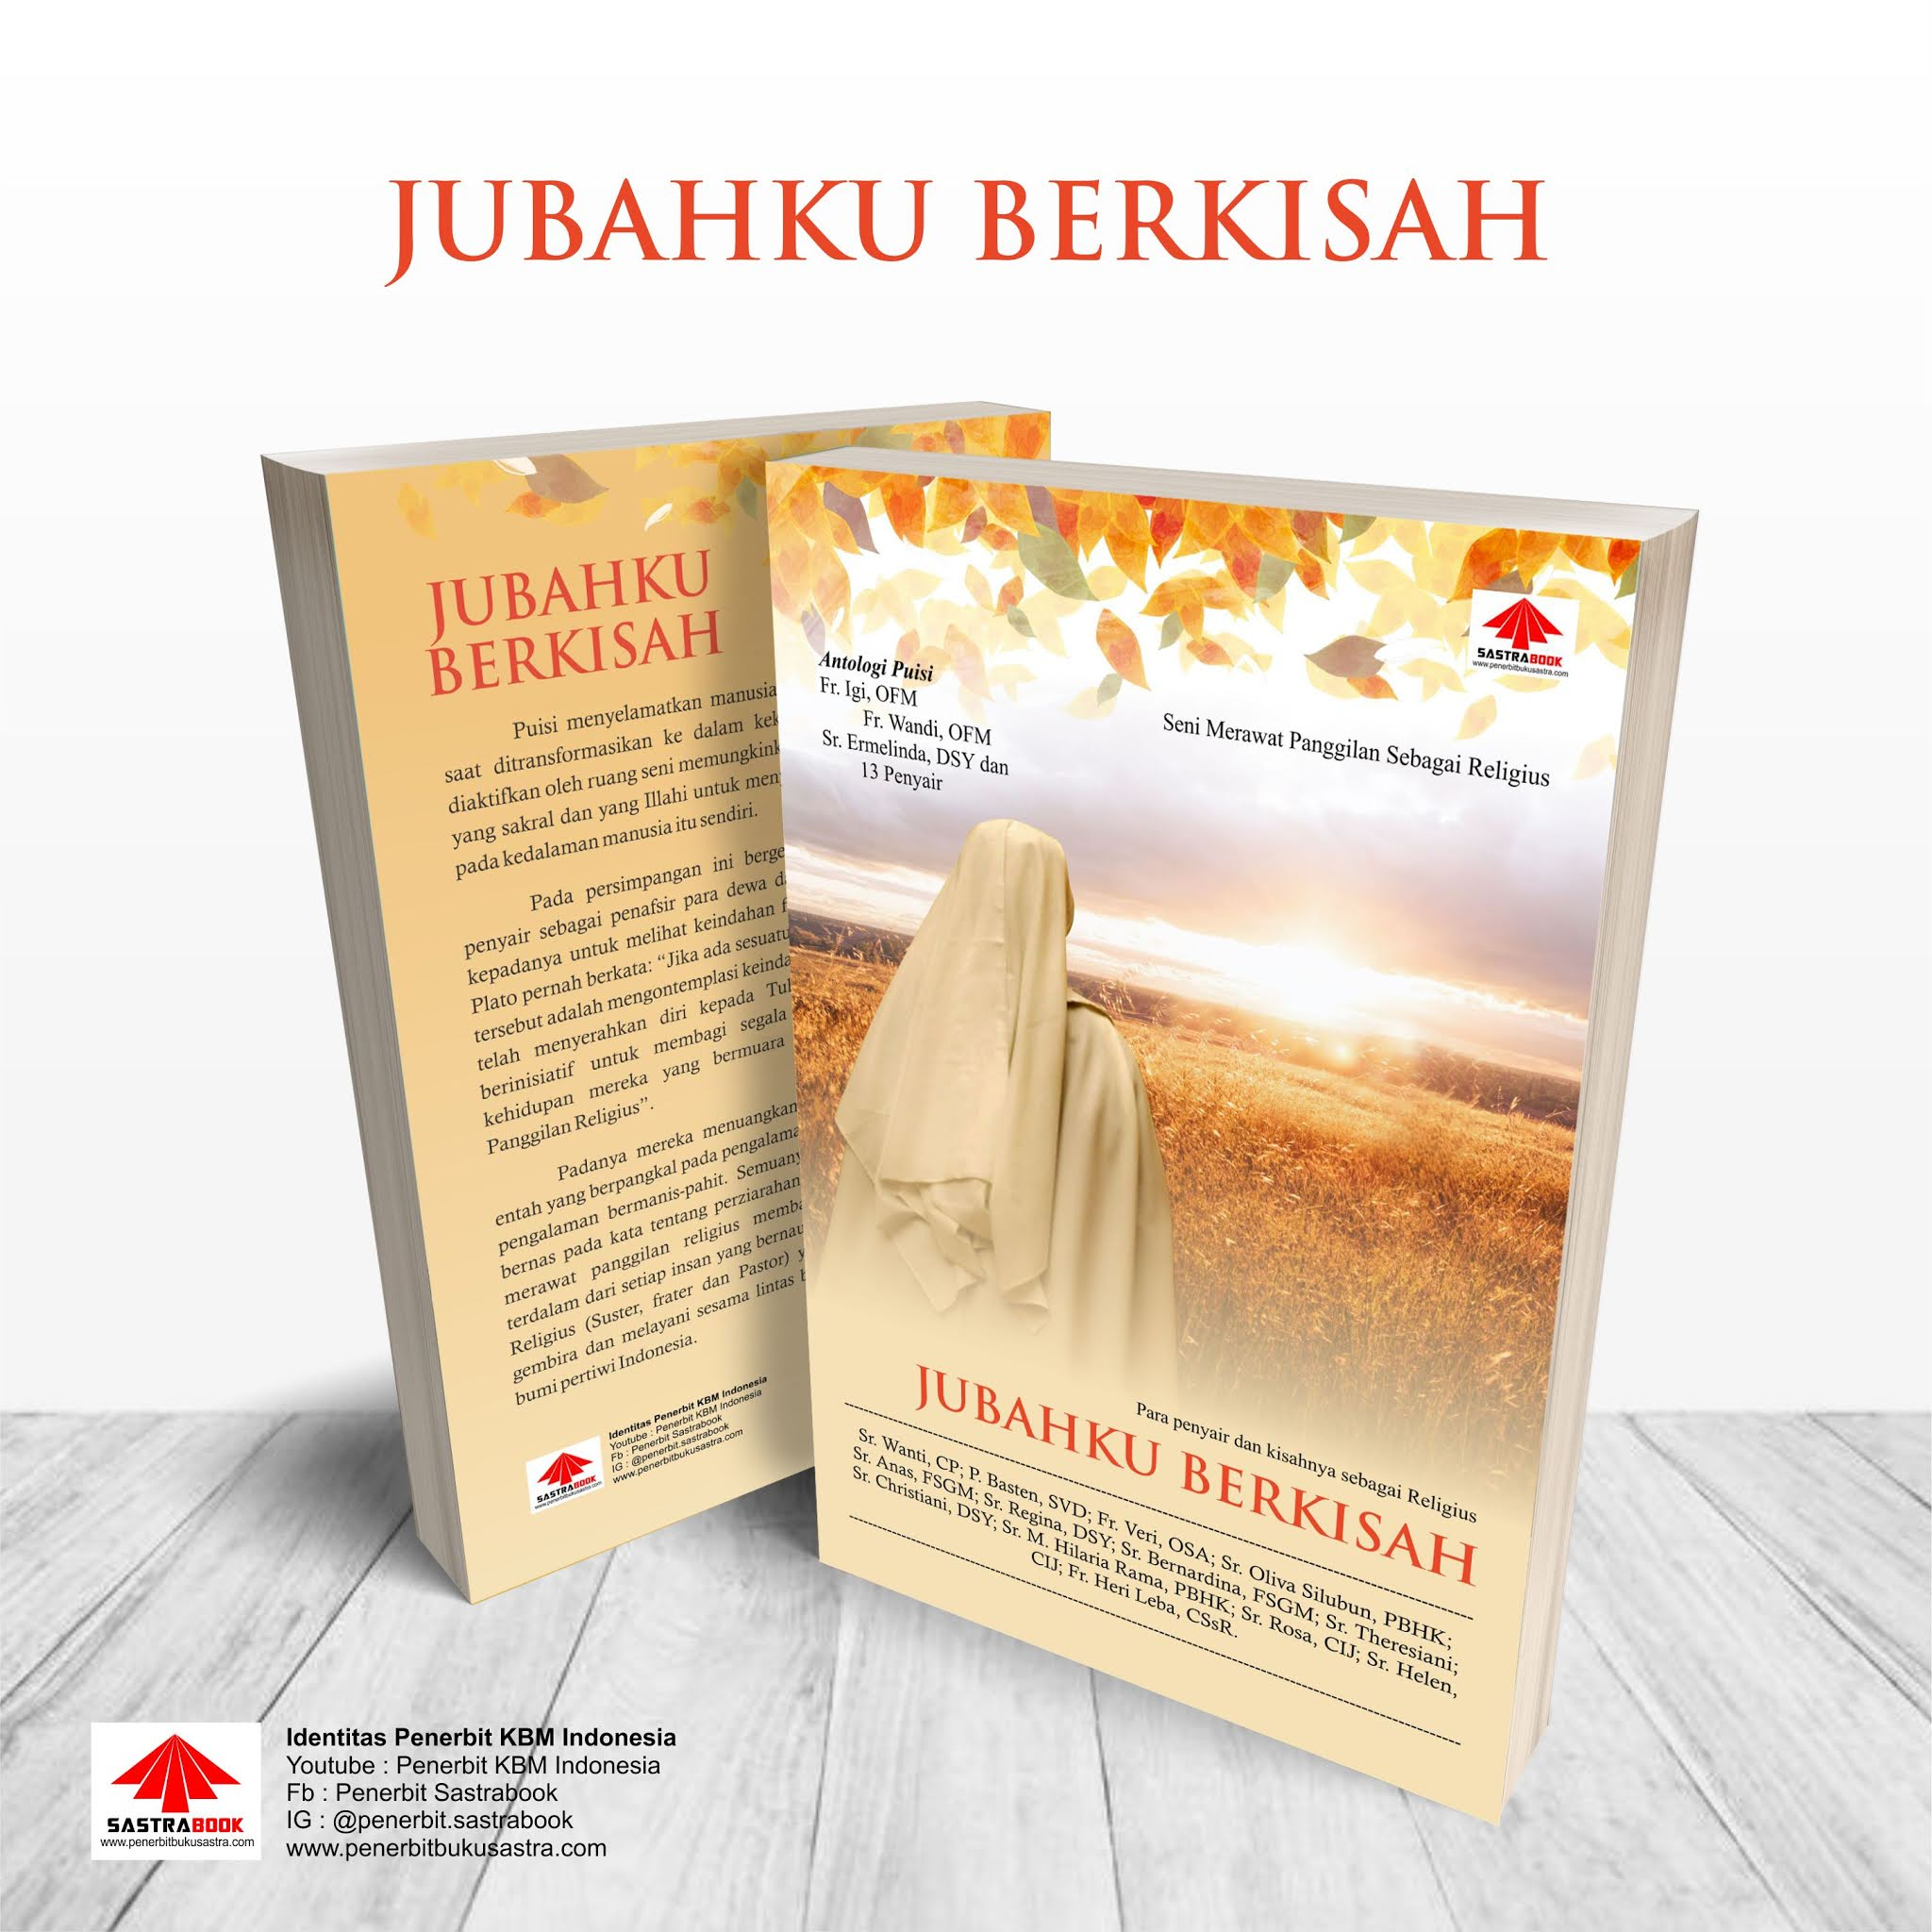 JUBAHKU BERKISAH